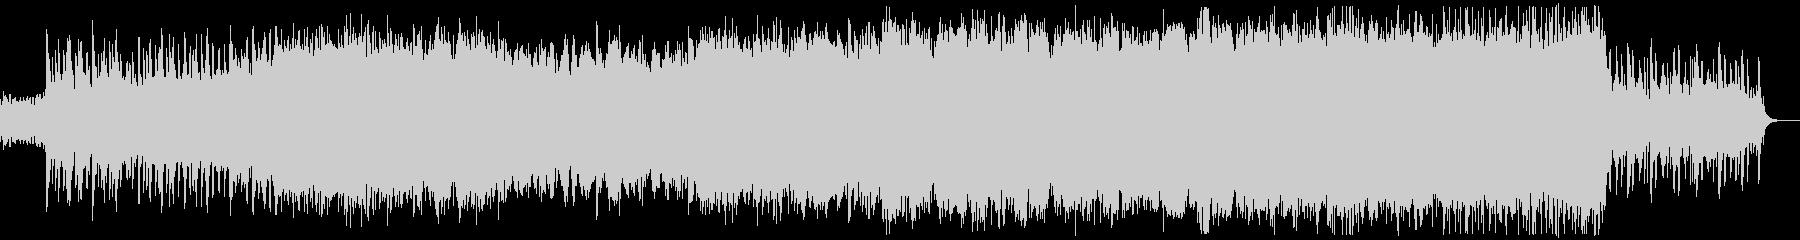 ケルト音楽 バグパイプ 壮大 起承転結の未再生の波形